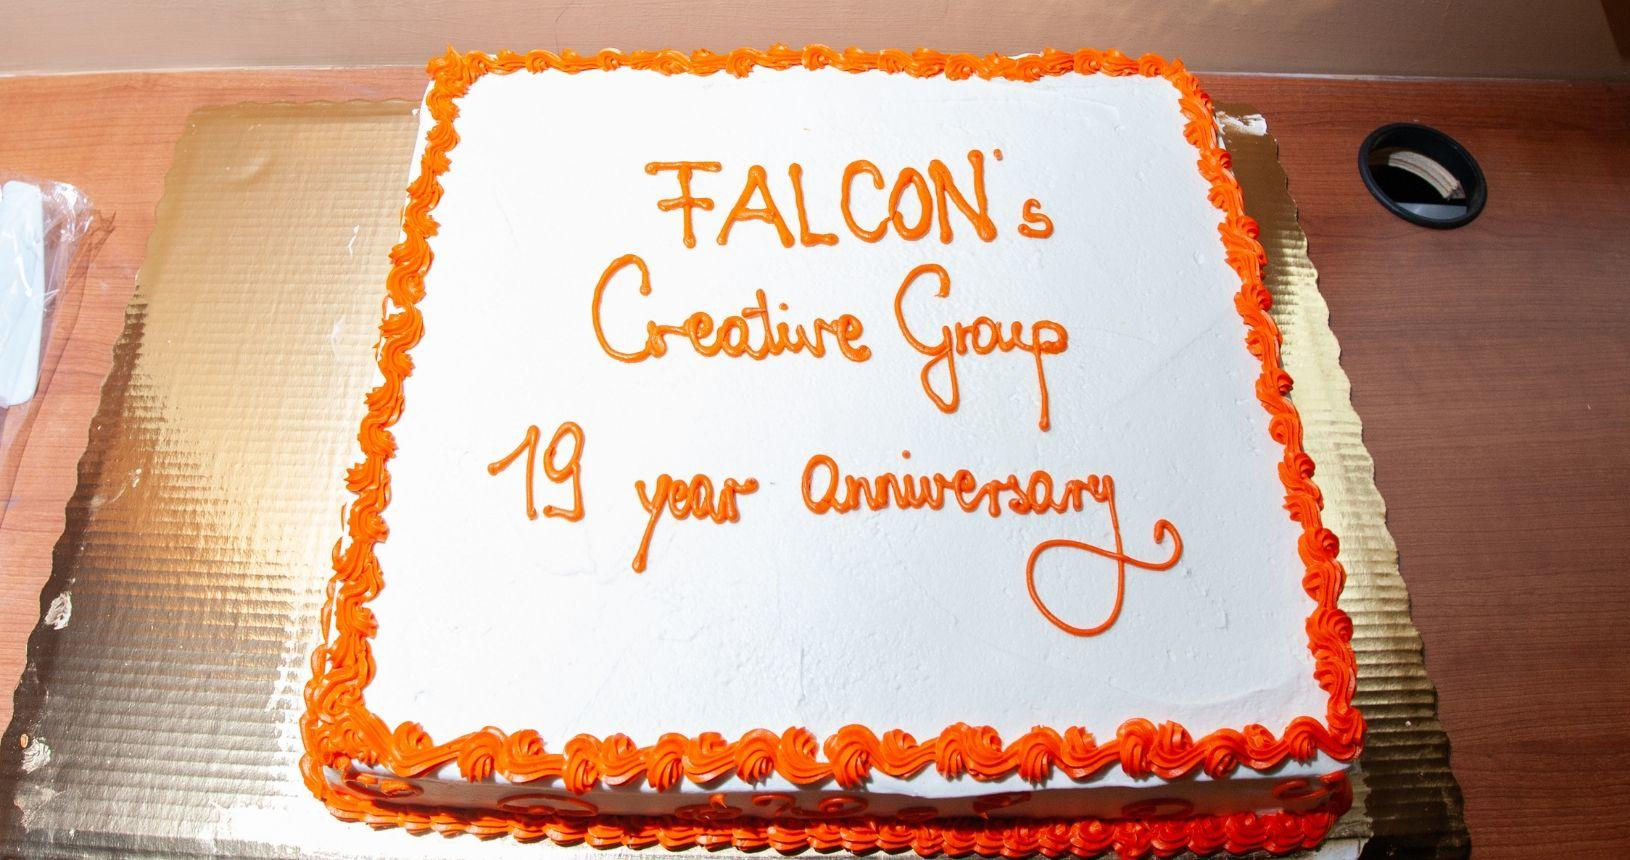 Falcon's Creative Group Culture